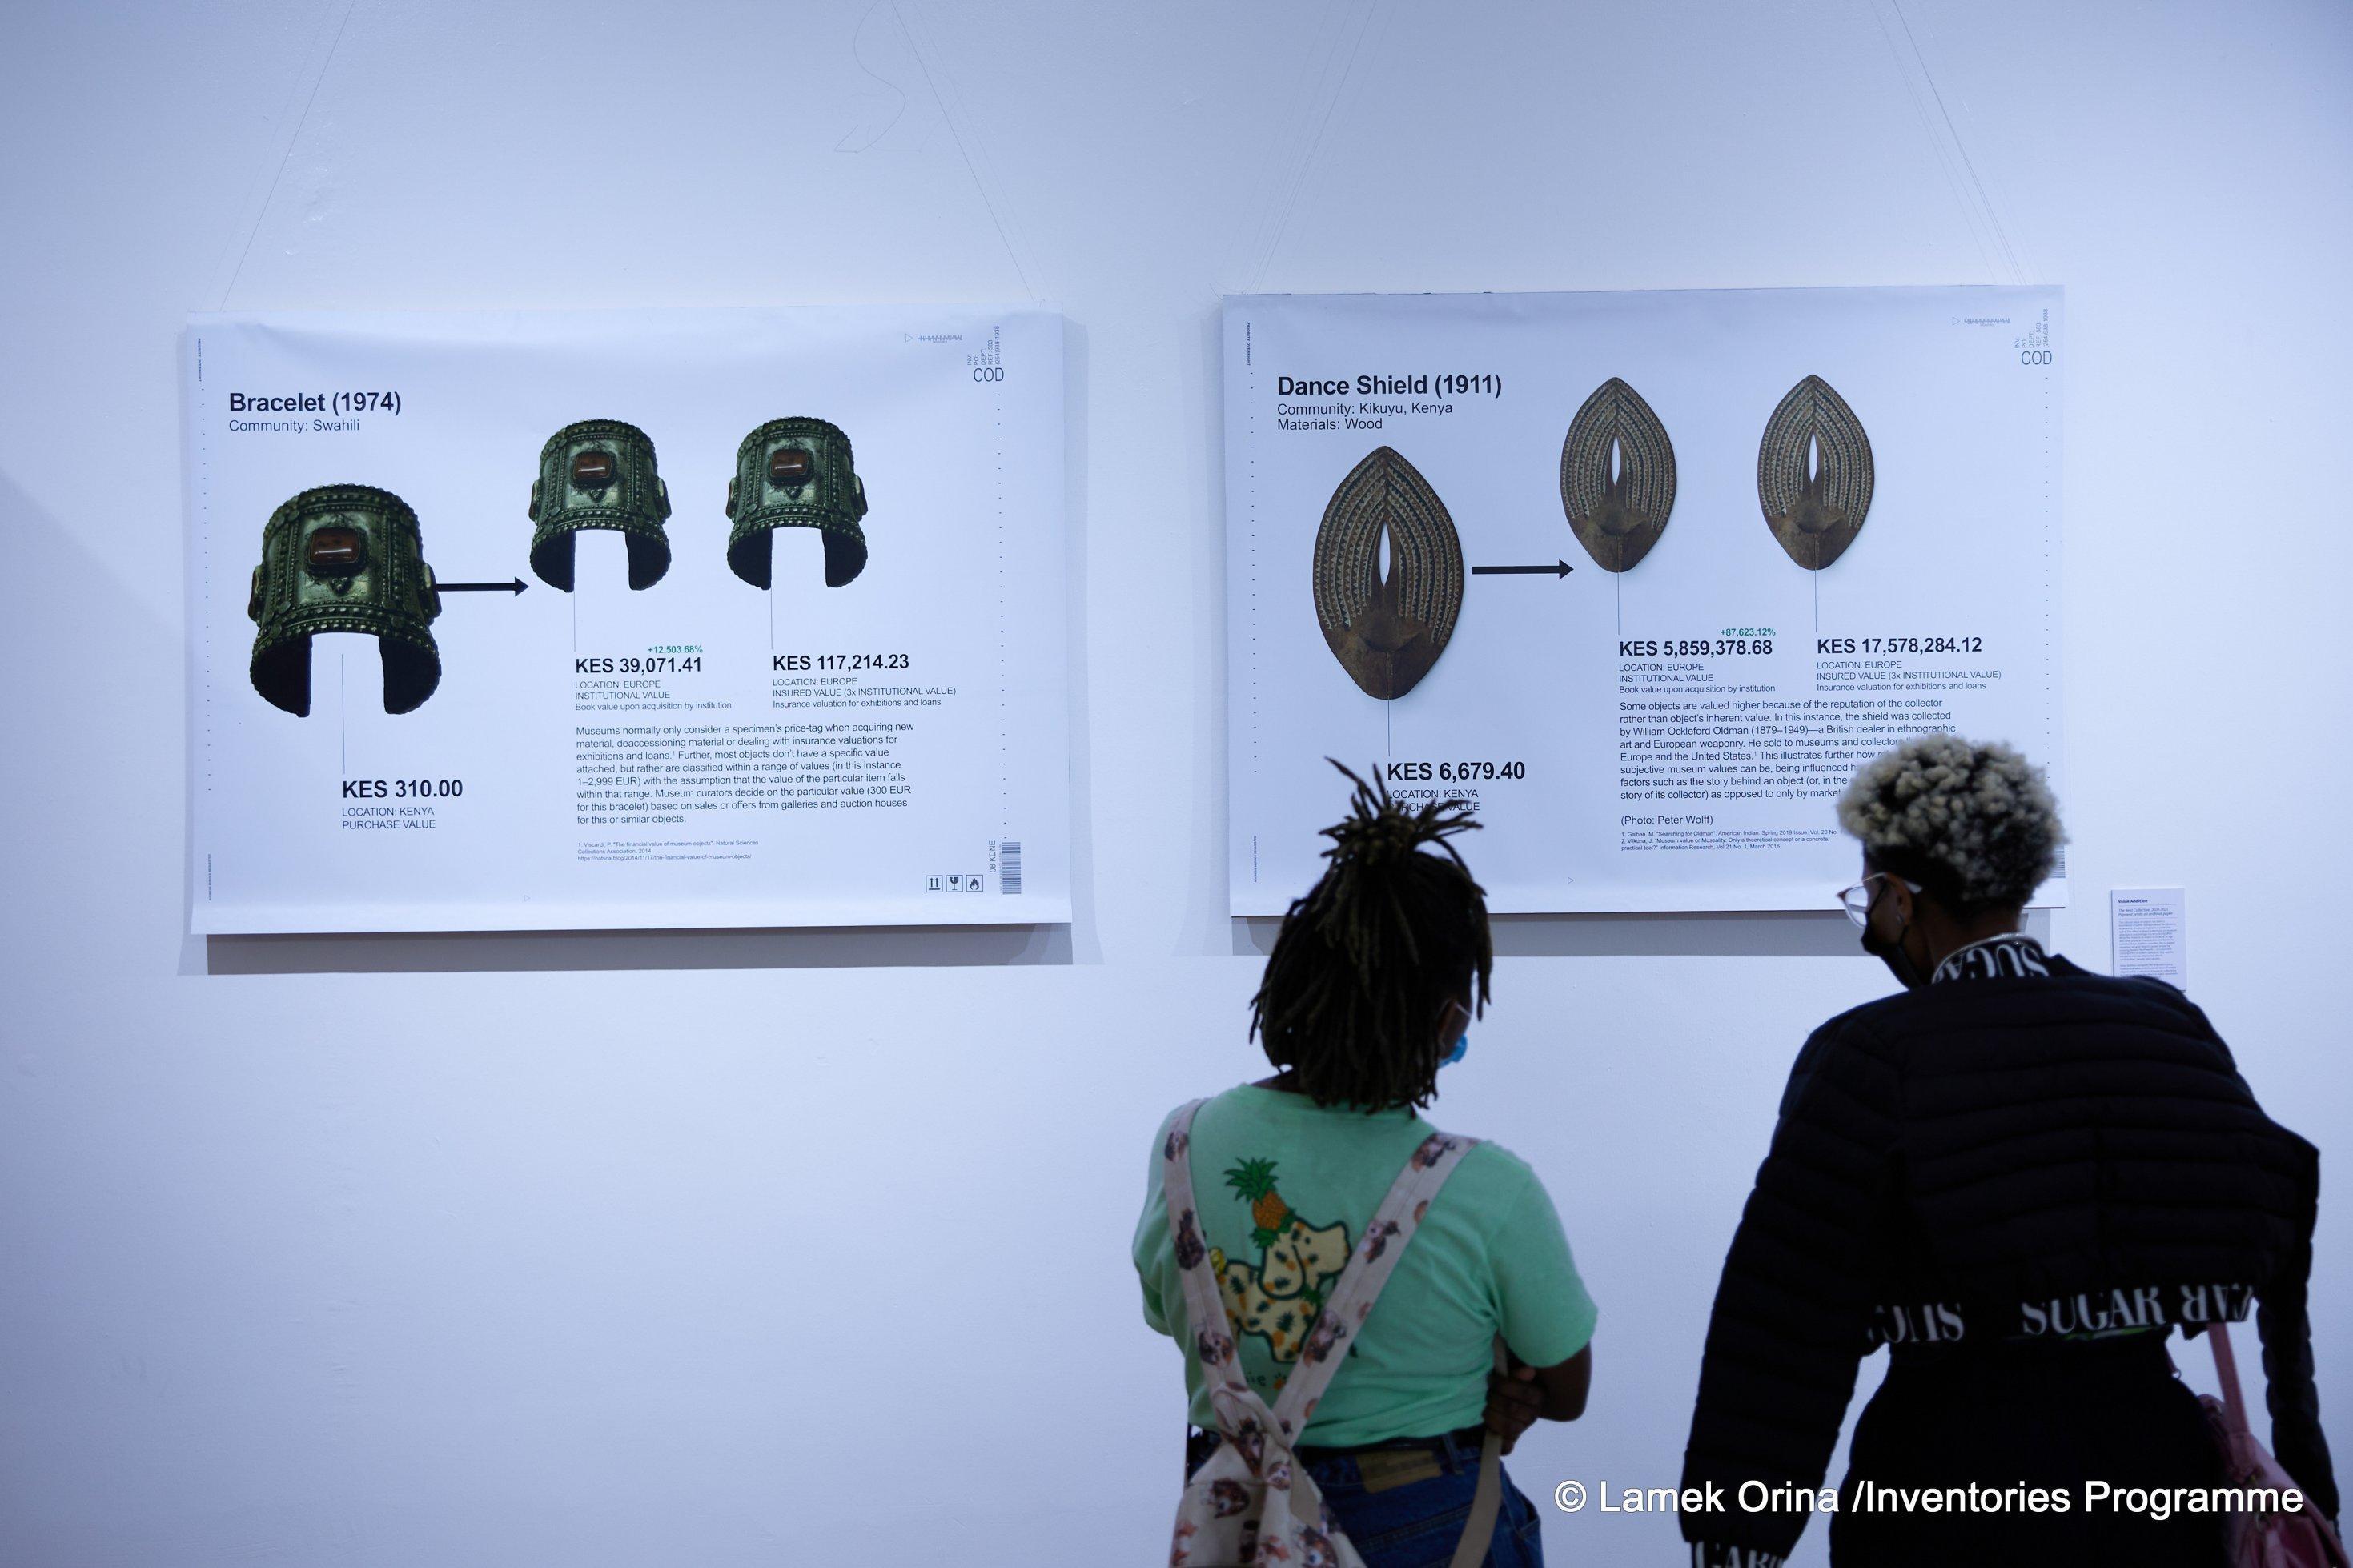 Zwei Frauen sind hinten zu sehen, sie betrachten in einer Ausstellung die großflächigen Abbildungen von offensichtlich afrikanischen Objekten.